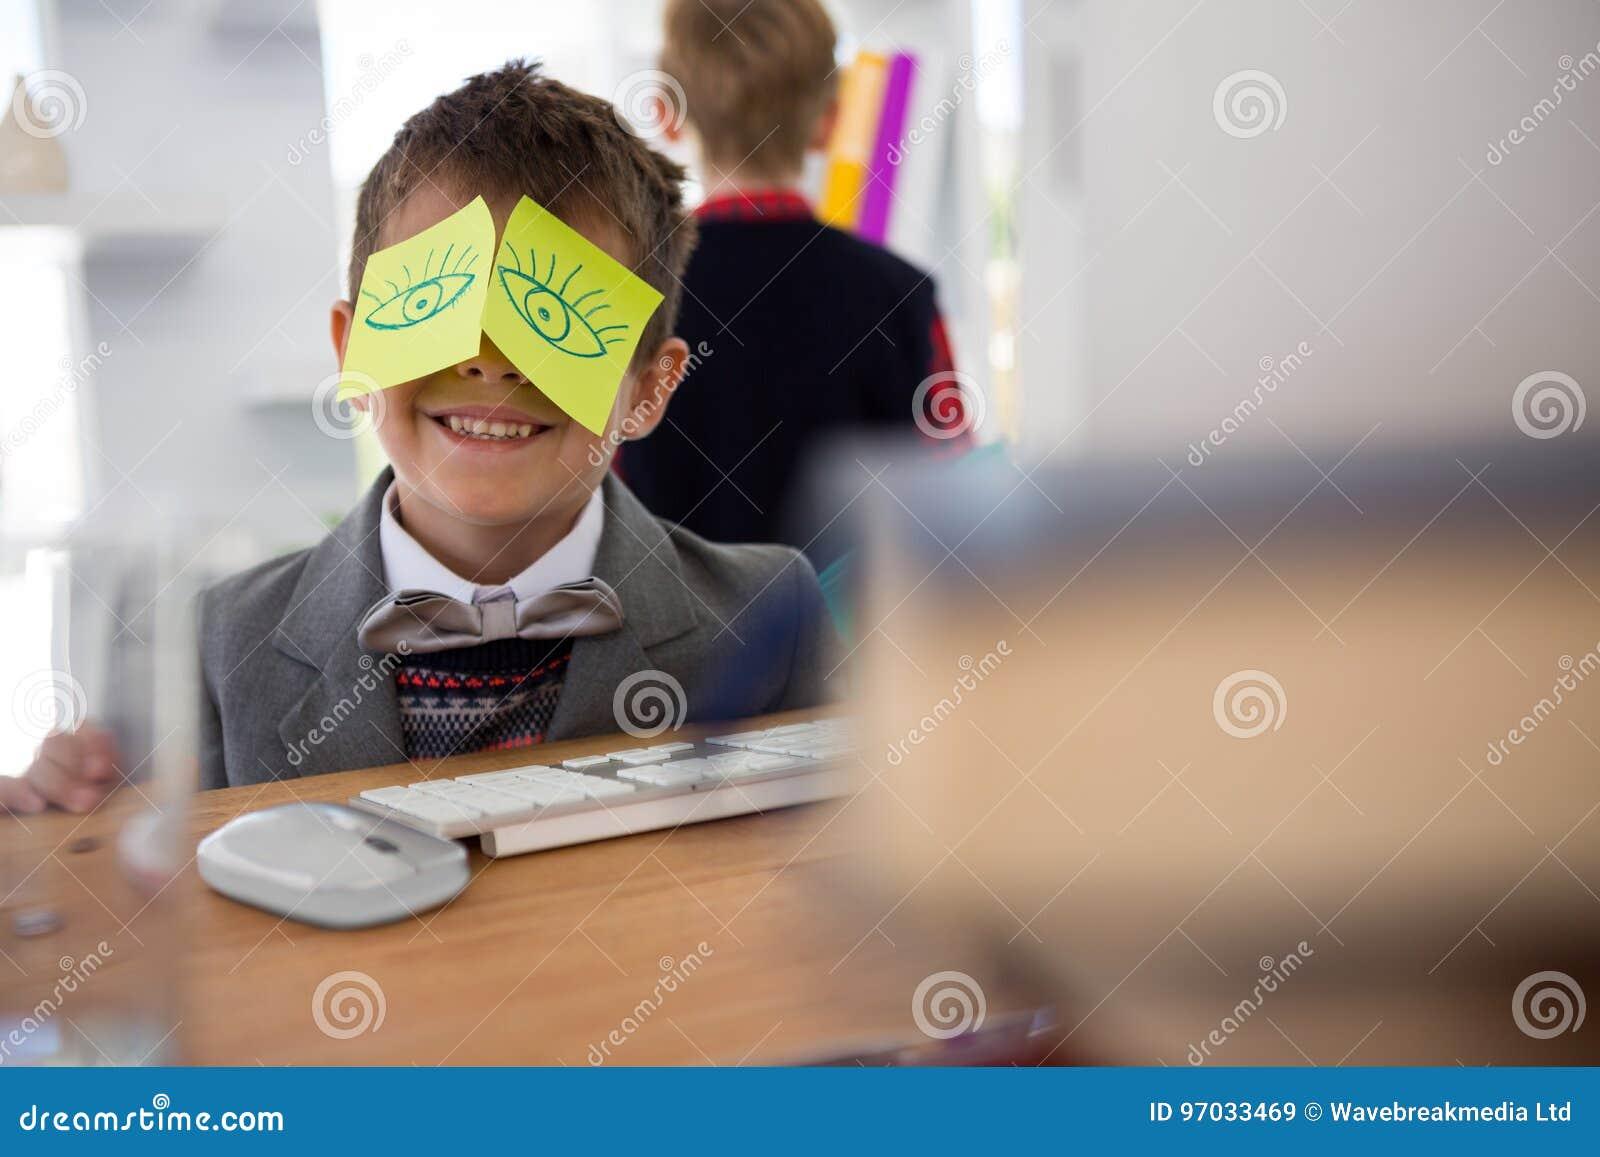 Αγόρι ως ανώτατο στέλεχος επιχείρησης με τις κολλώδεις σημειώσεις για τα μάτια του